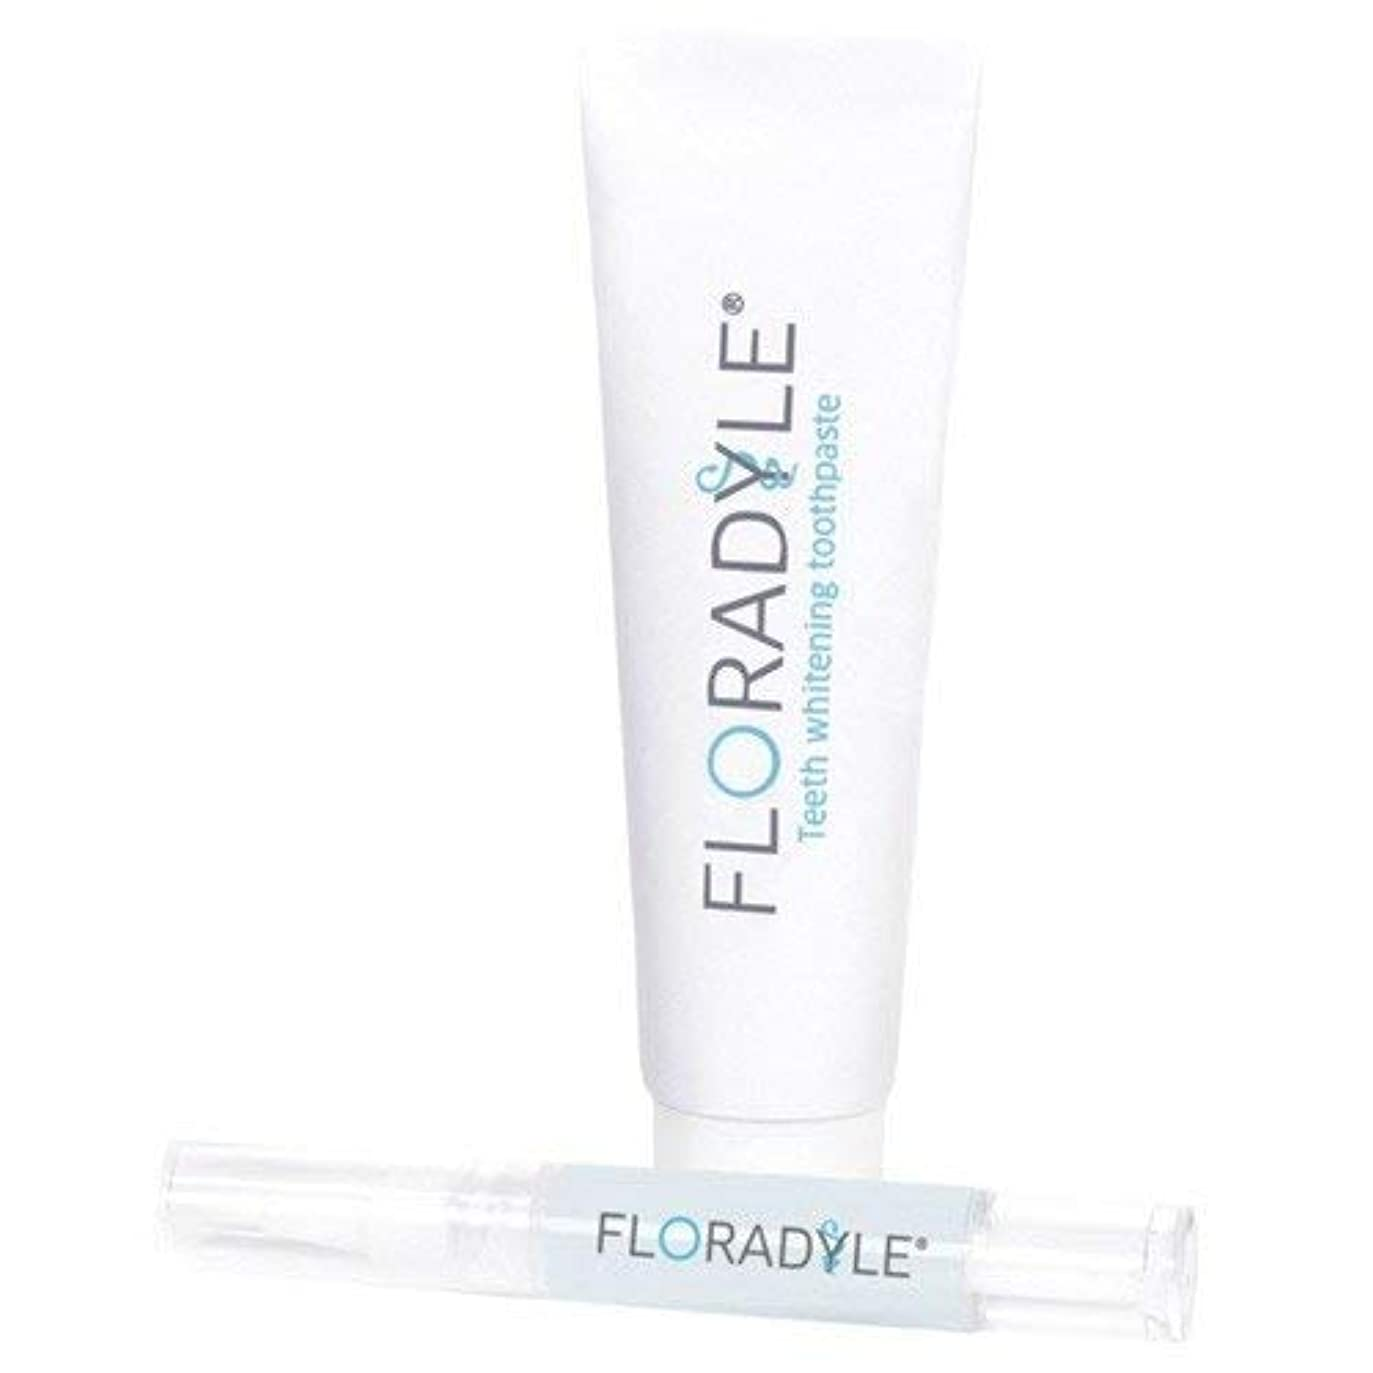 花婿しないでくださいセレナFloradyle(フロラダイル) ホワイトニングジェル&ホワイトニング歯磨き粉 セット